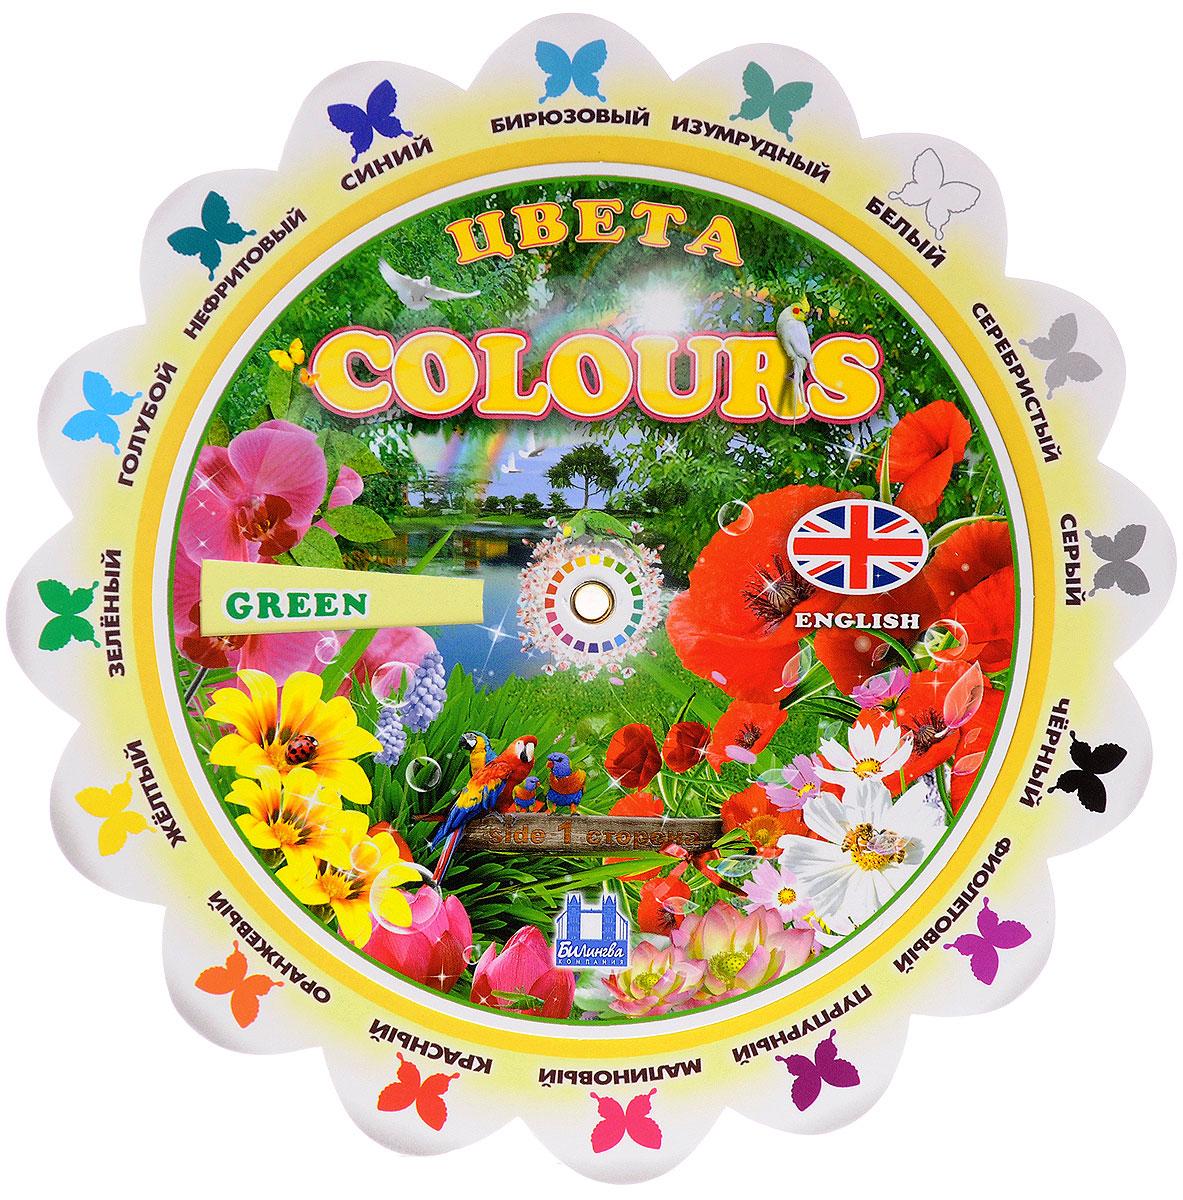 Colours / Цвета. Иллюстрированный тематический словарь